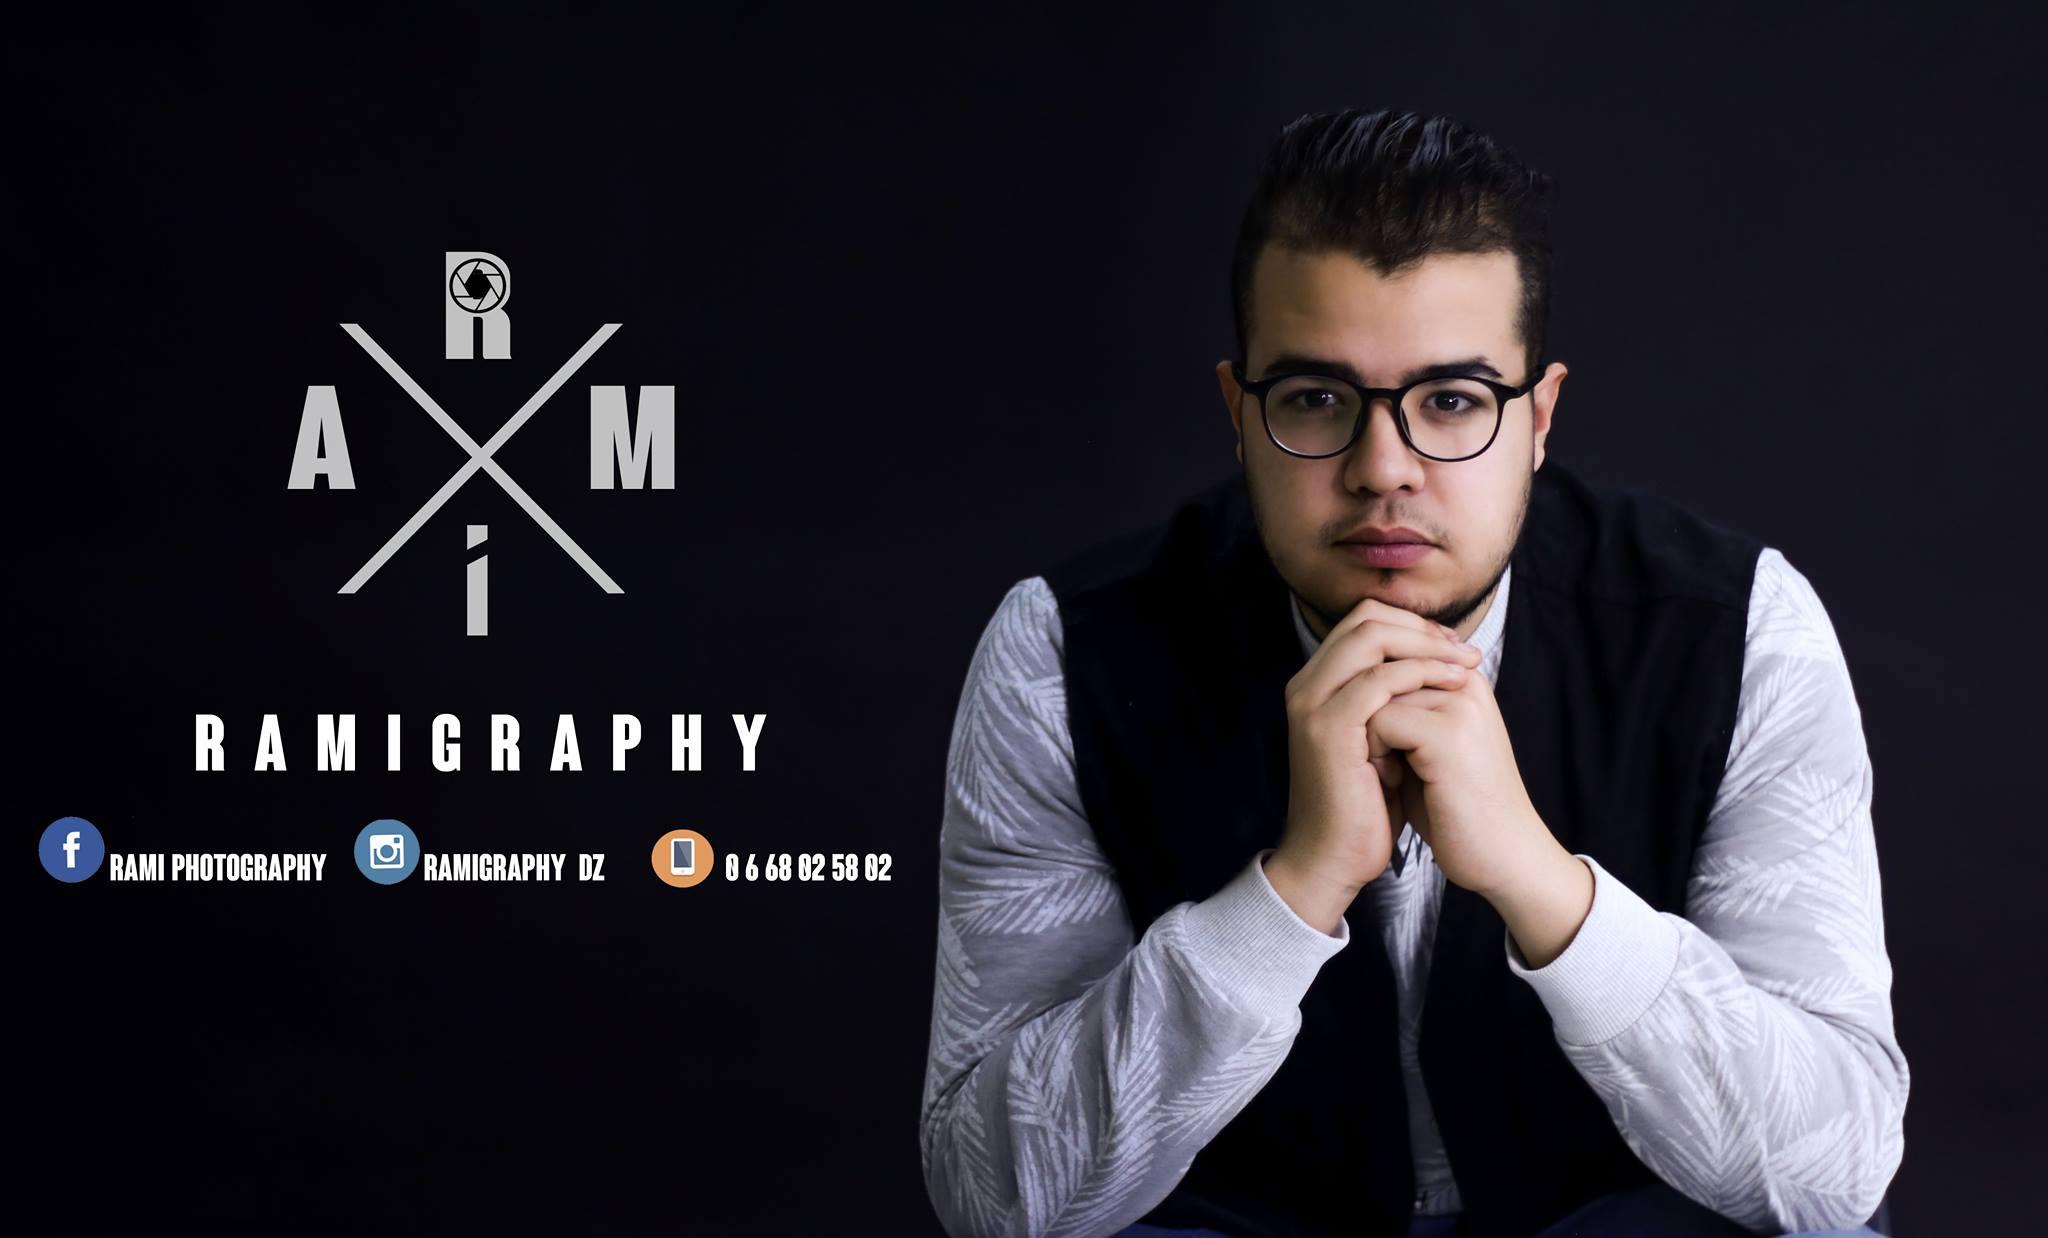 Rami photography, photographe , Alger-Centre, Alger - 3ersi.com